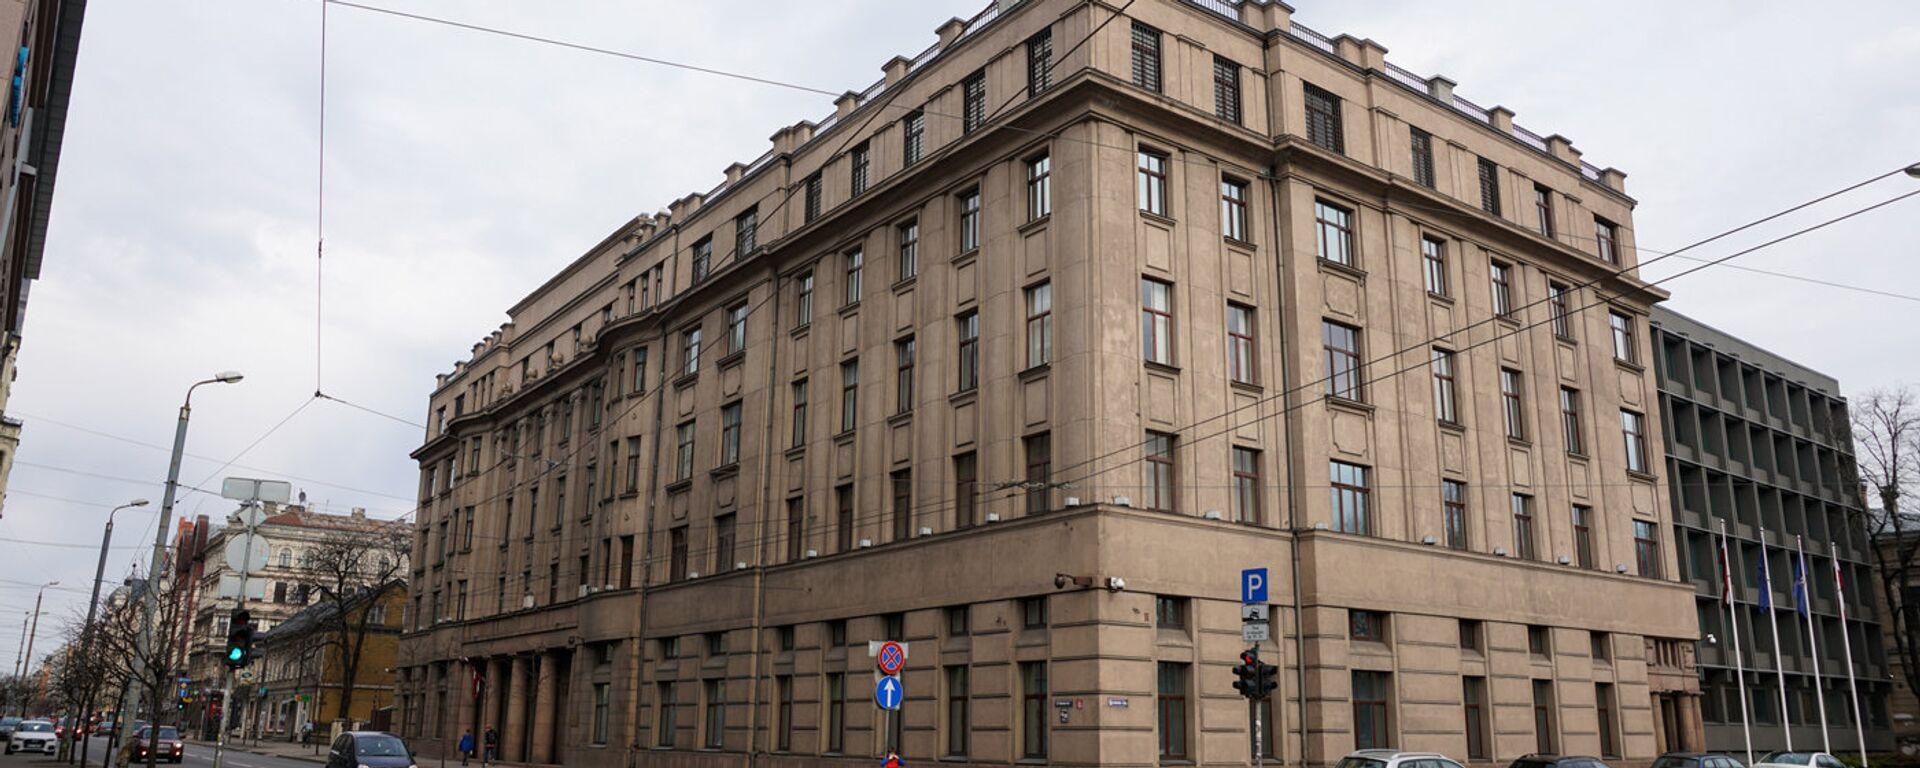 Министерство обороны Латвии - Sputnik Латвия, 1920, 14.04.2021